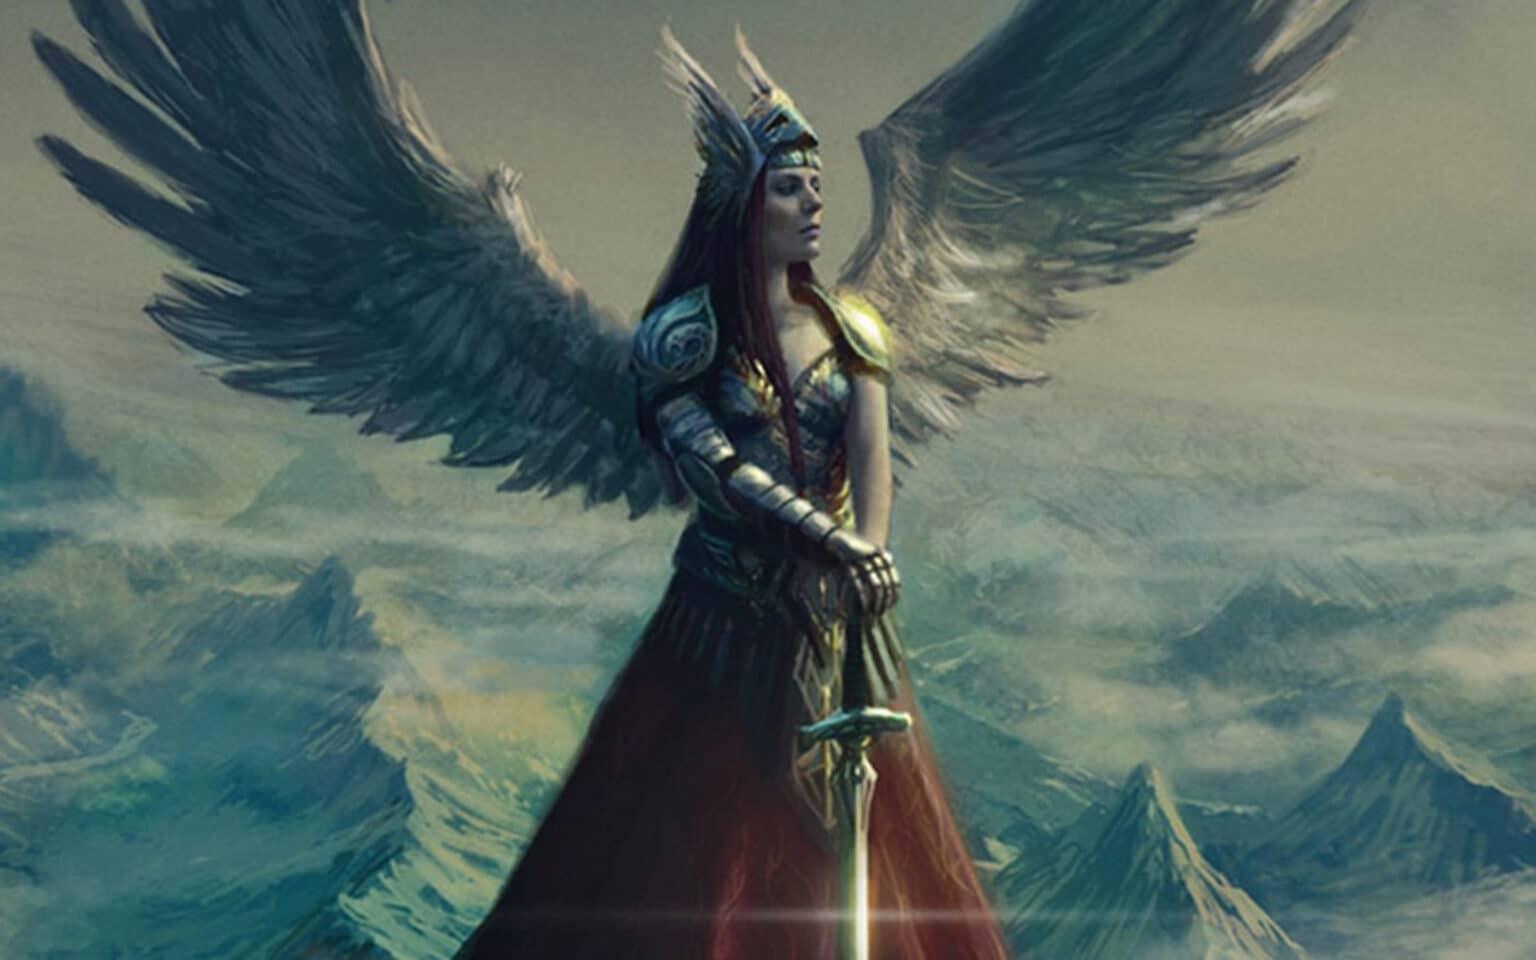 Тайна гармоничного слияния мужчины и женщины. Сила женщин. Валькирии. Как это использовать?